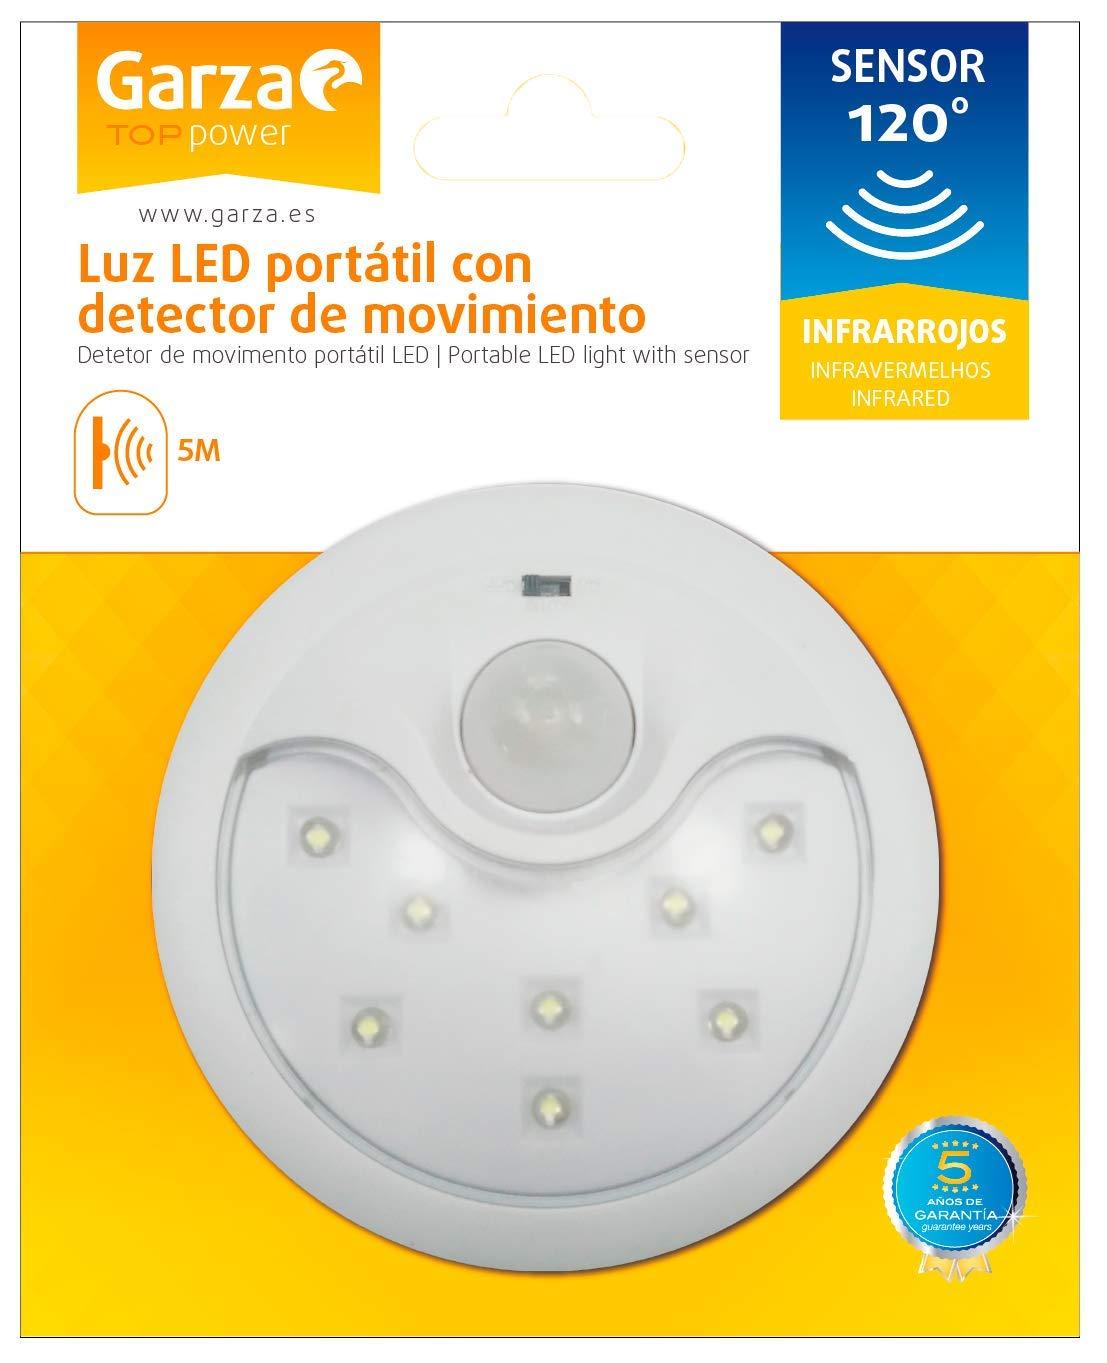 Garza Power - Detector de Movimiento Infrarrojos con Luz LED Quitamiedos, sistema Portátil, ángulo de Detección 120º, color Blanco: Amazon.es: Bricolaje y ...